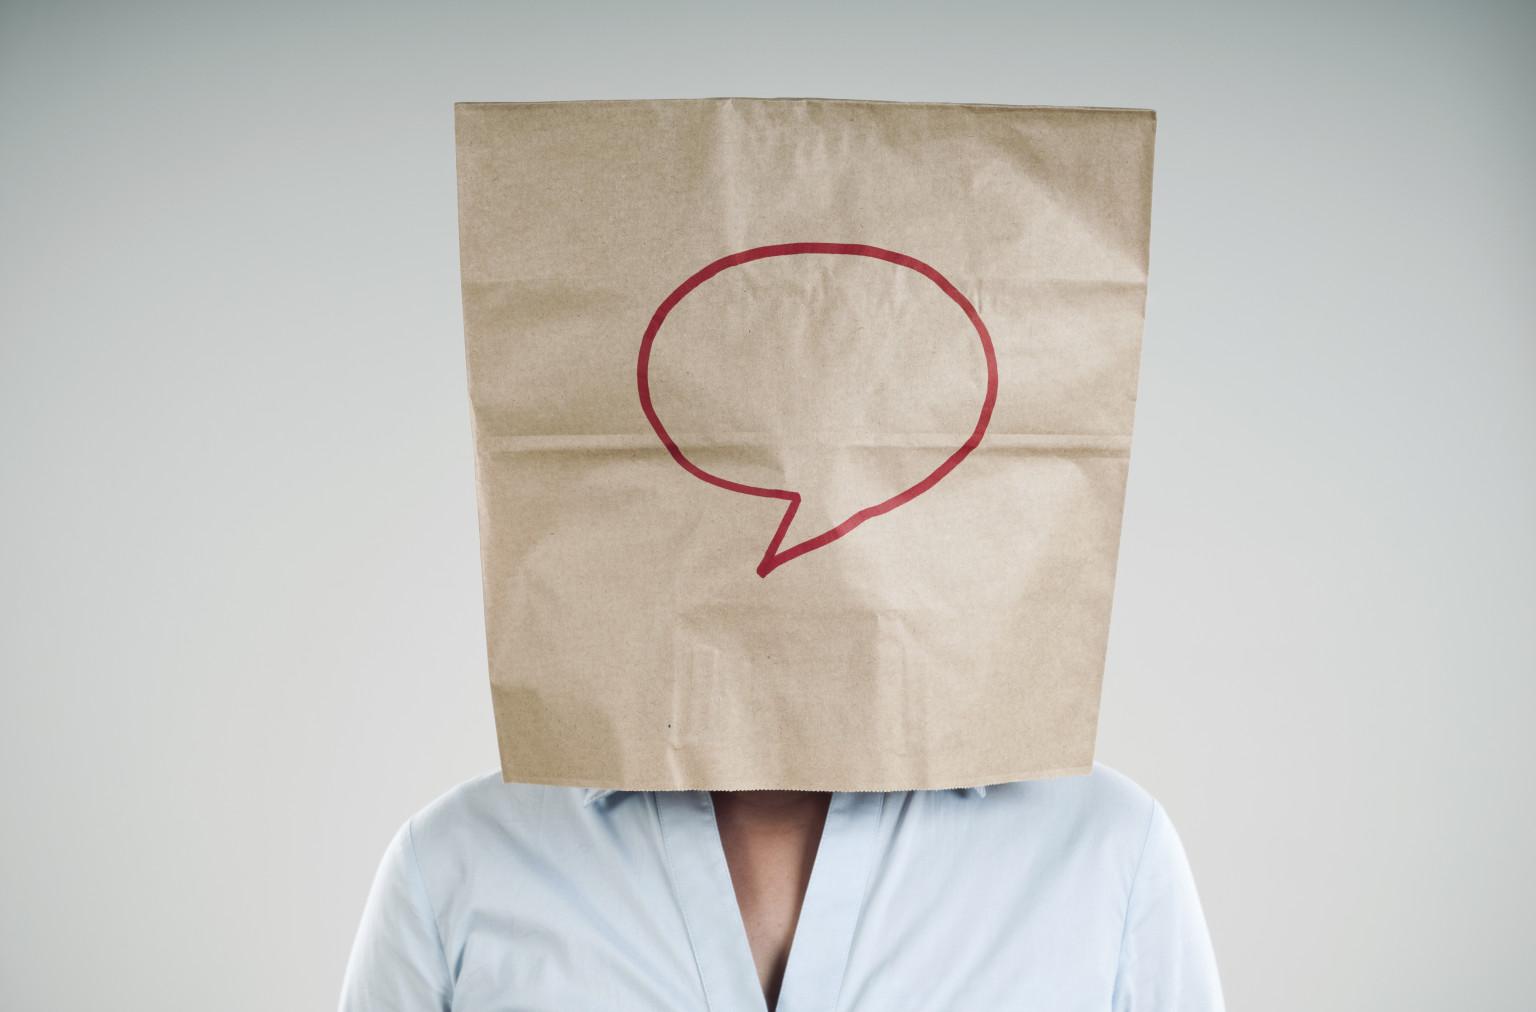 Na imagem, uma pessoa está com um saco de papel no rosto, com o desenho de um balão de fala, para ilustrar o que é awareness.